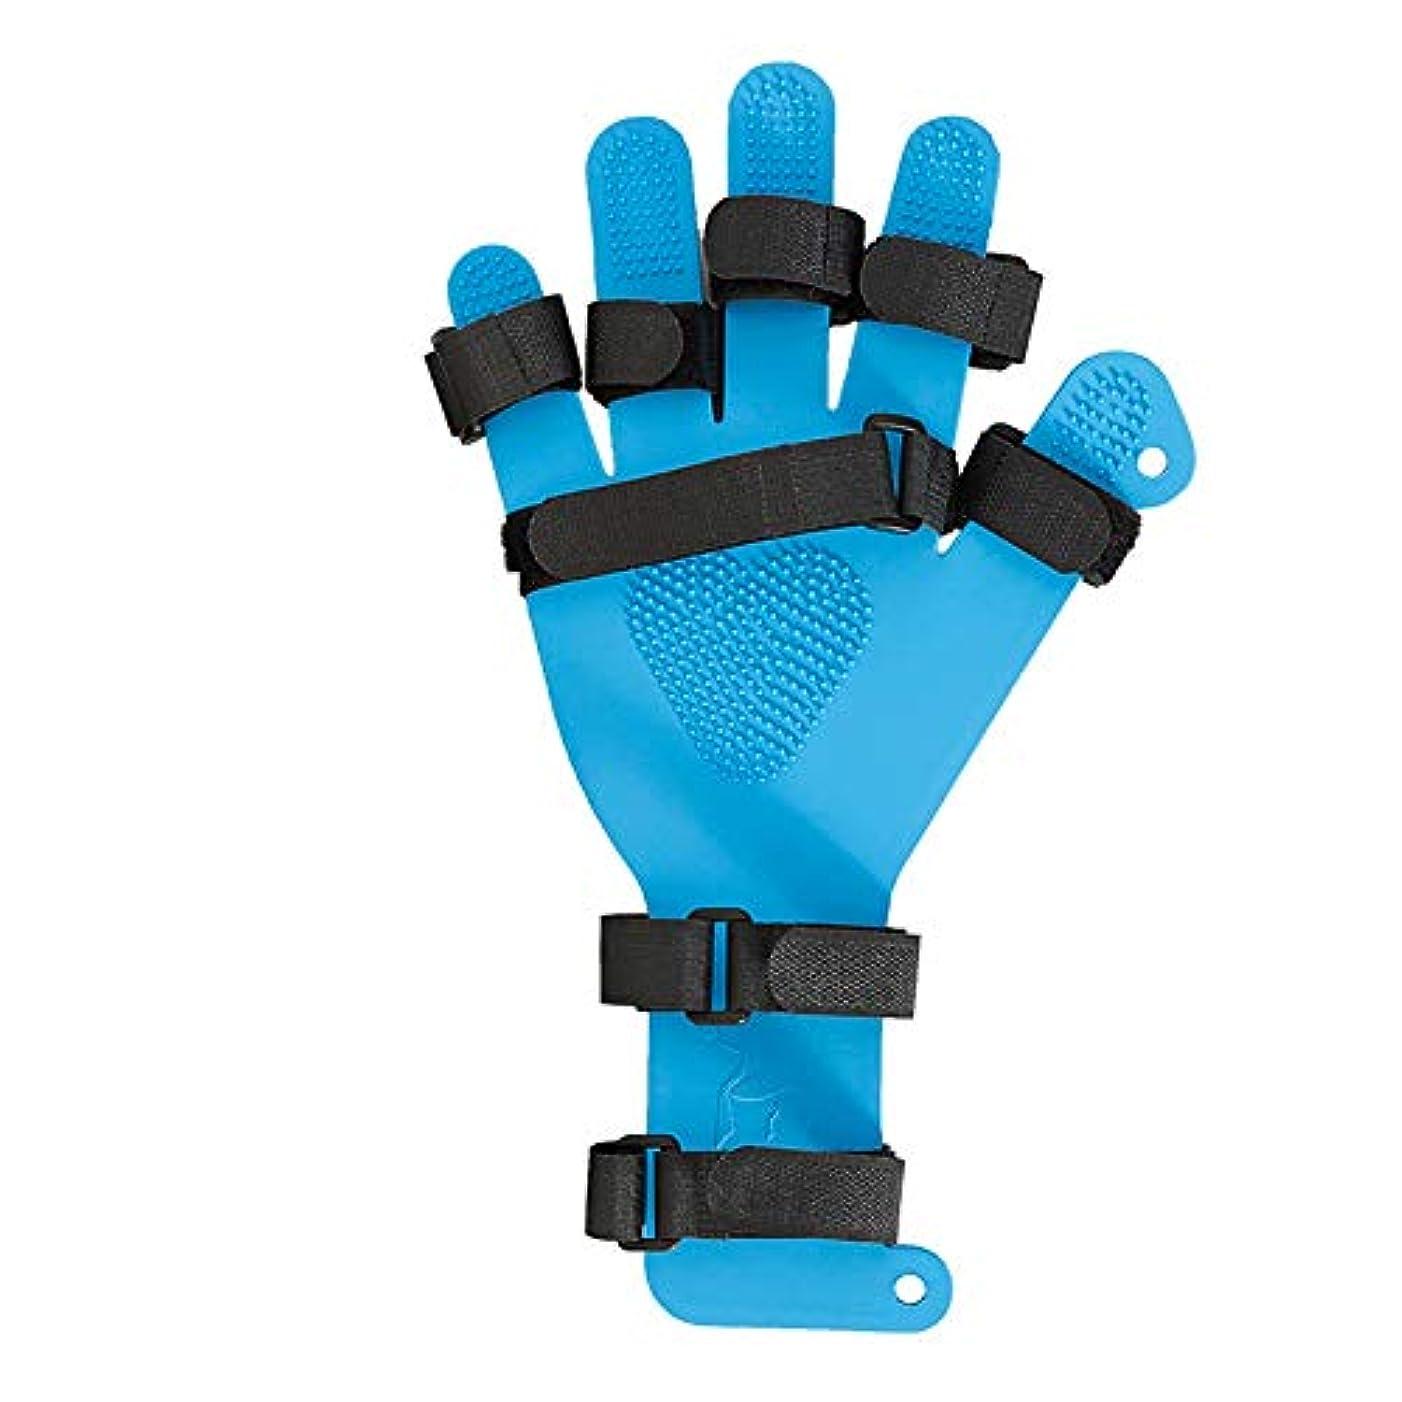 統合愛人電子レンジどちらの手のための手の手首のトレーニング装具調節可能指セパレーター拡張ボード - (Size : Child)